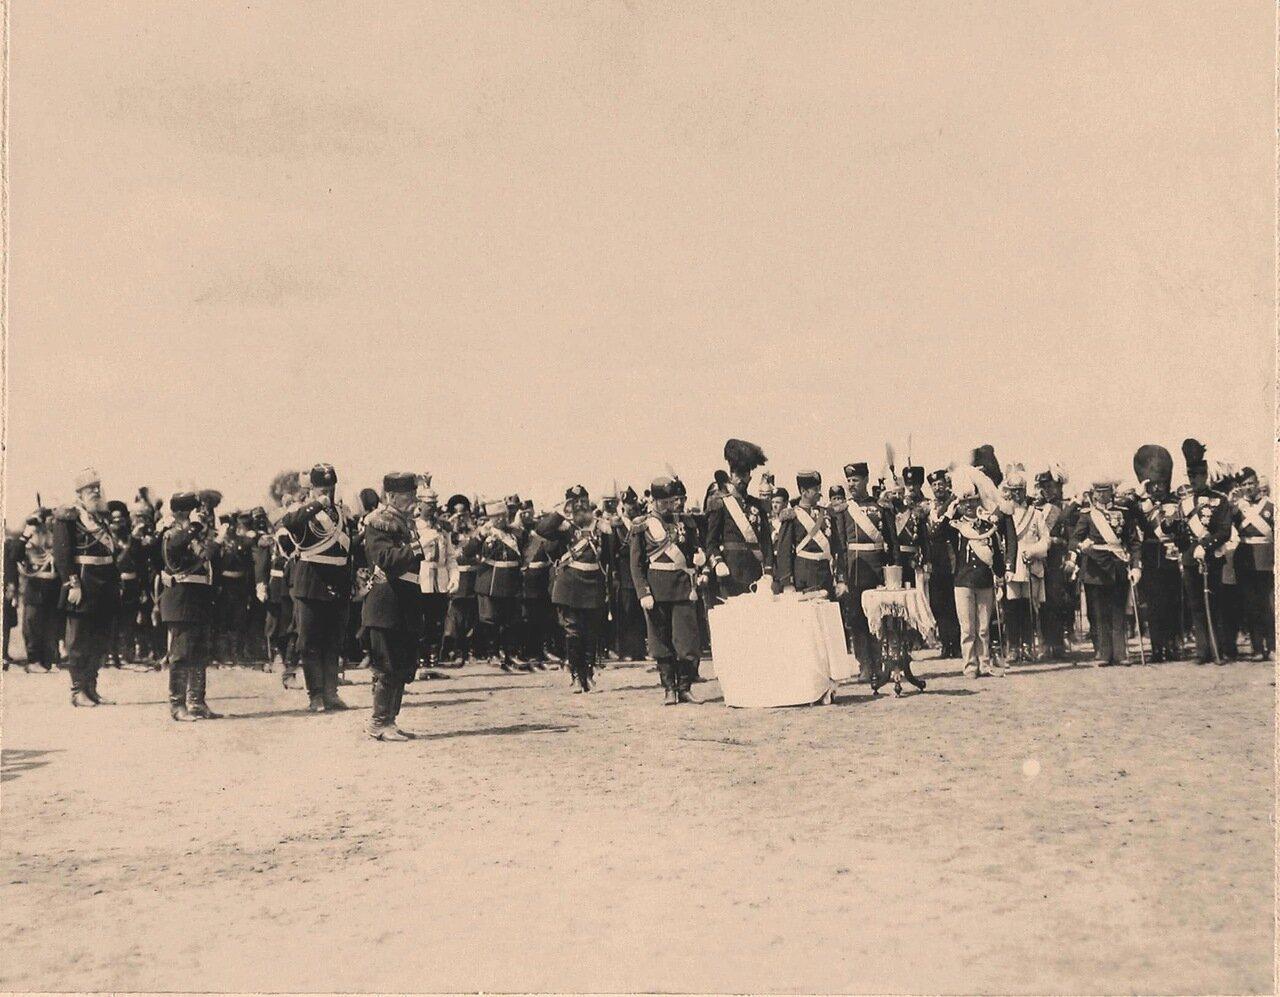 Участники парада, гости, приглашённые на торжества коронации, на Ходынском поле; у стола слева - император Николай II, в центре - наследный крон-принц Швеции и Норвегии Густав